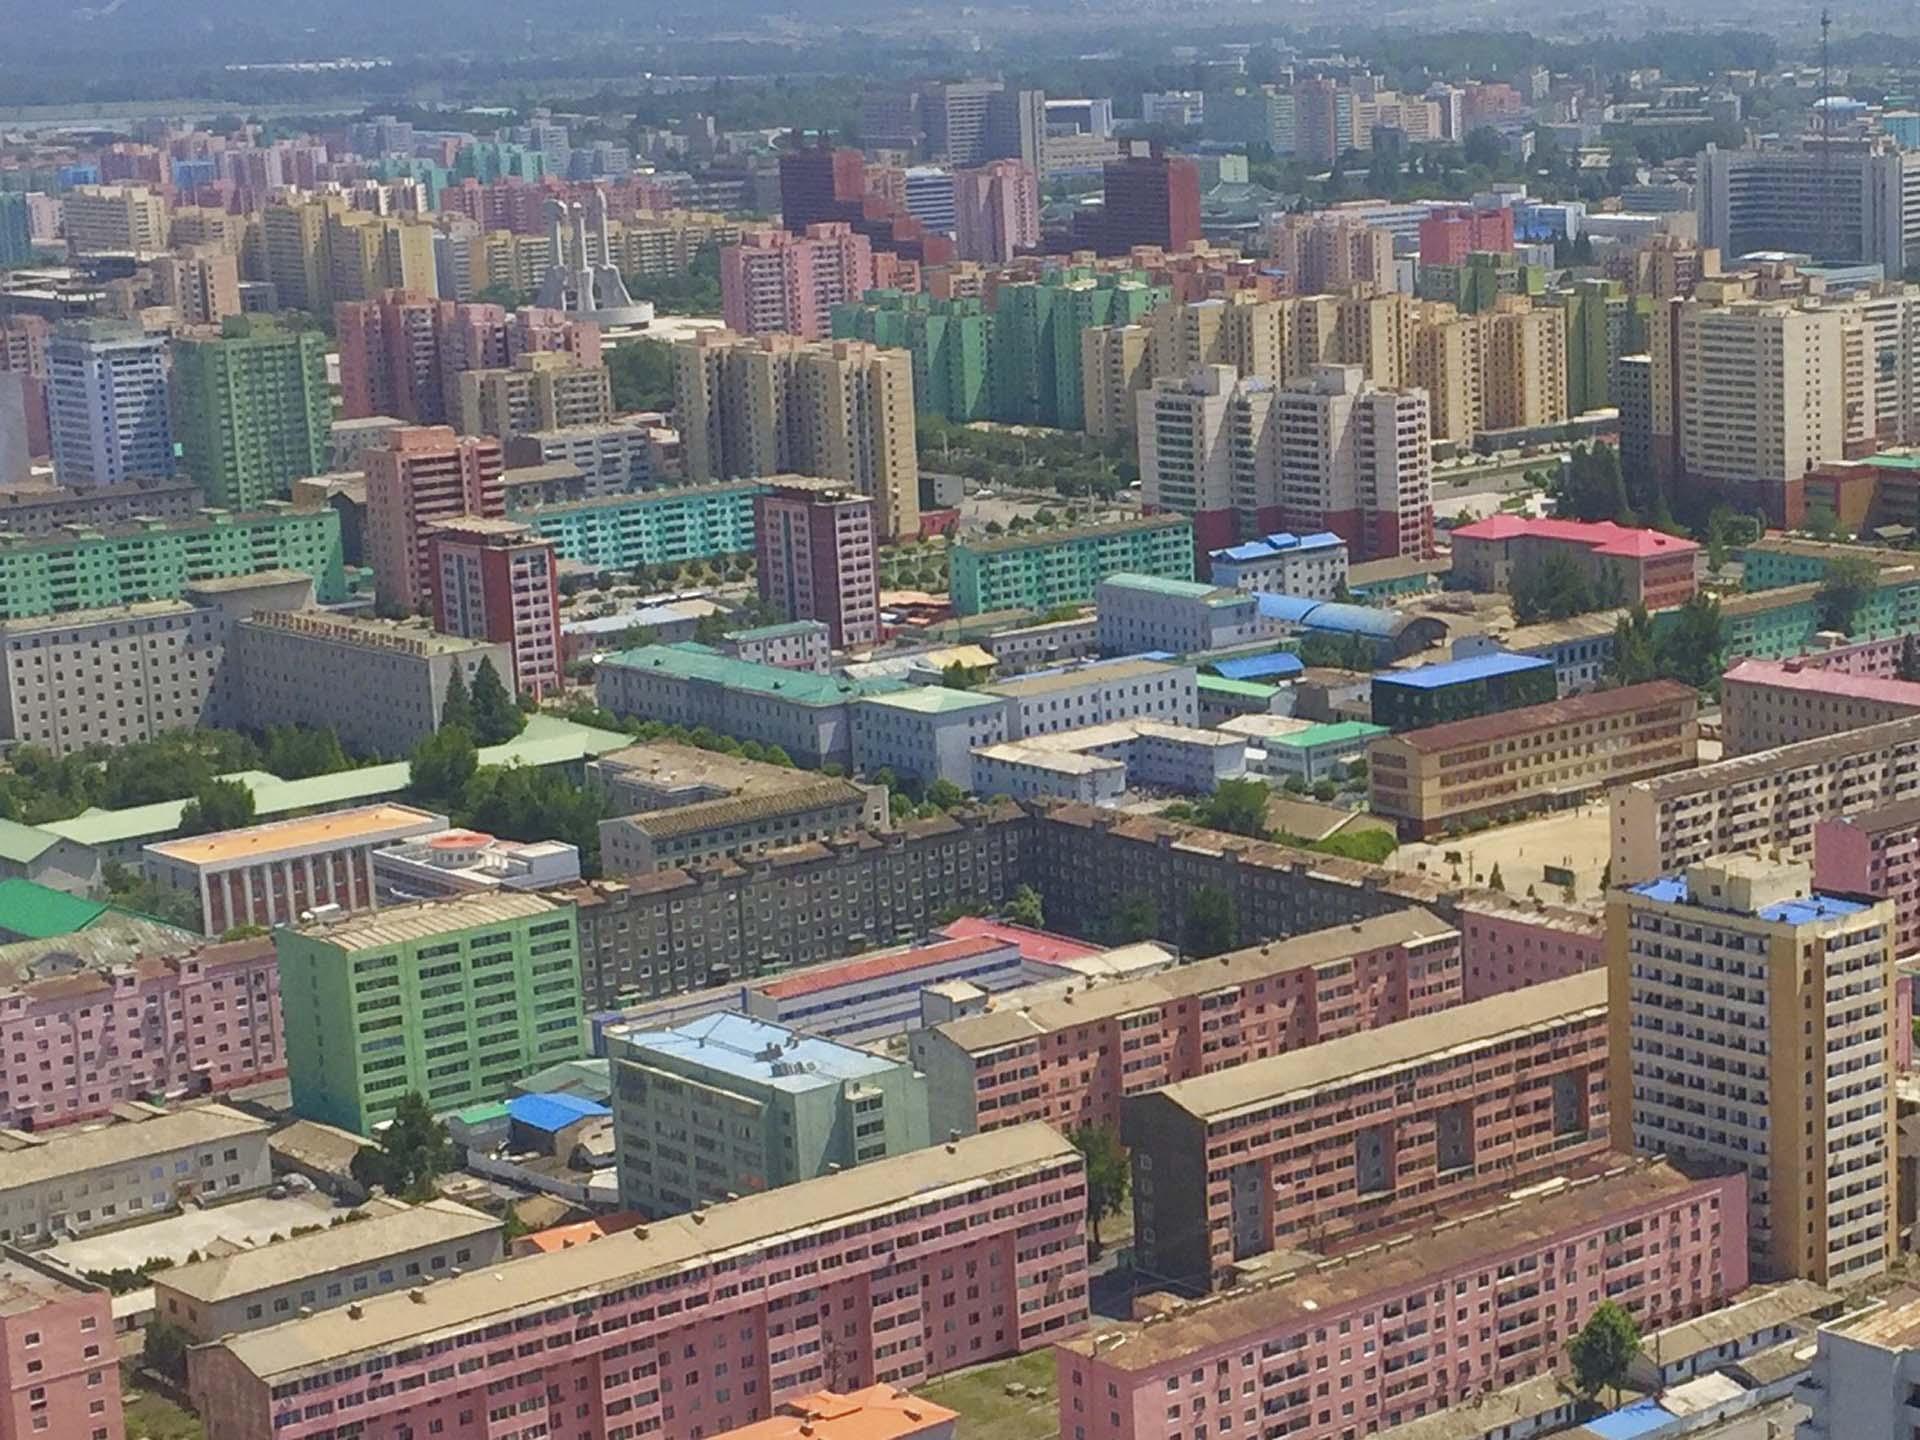 Hace seis décadas, Kim Il Sung, fundador de Corea del Norte y abuelo del líder actual, rediseñó el país mediante una distribución geográfica de los ciudadanos de acuerdo con su lealtad: a principios de los años sesenta, unos setenta mil norcoreanos «hostiles» habían sido forzados a mudarse a las regiones montañosas del norte del país mientras que en Pyongyang, la ciudad de colores inverosímiles, ya residían únicamente las familias más leales al régimen